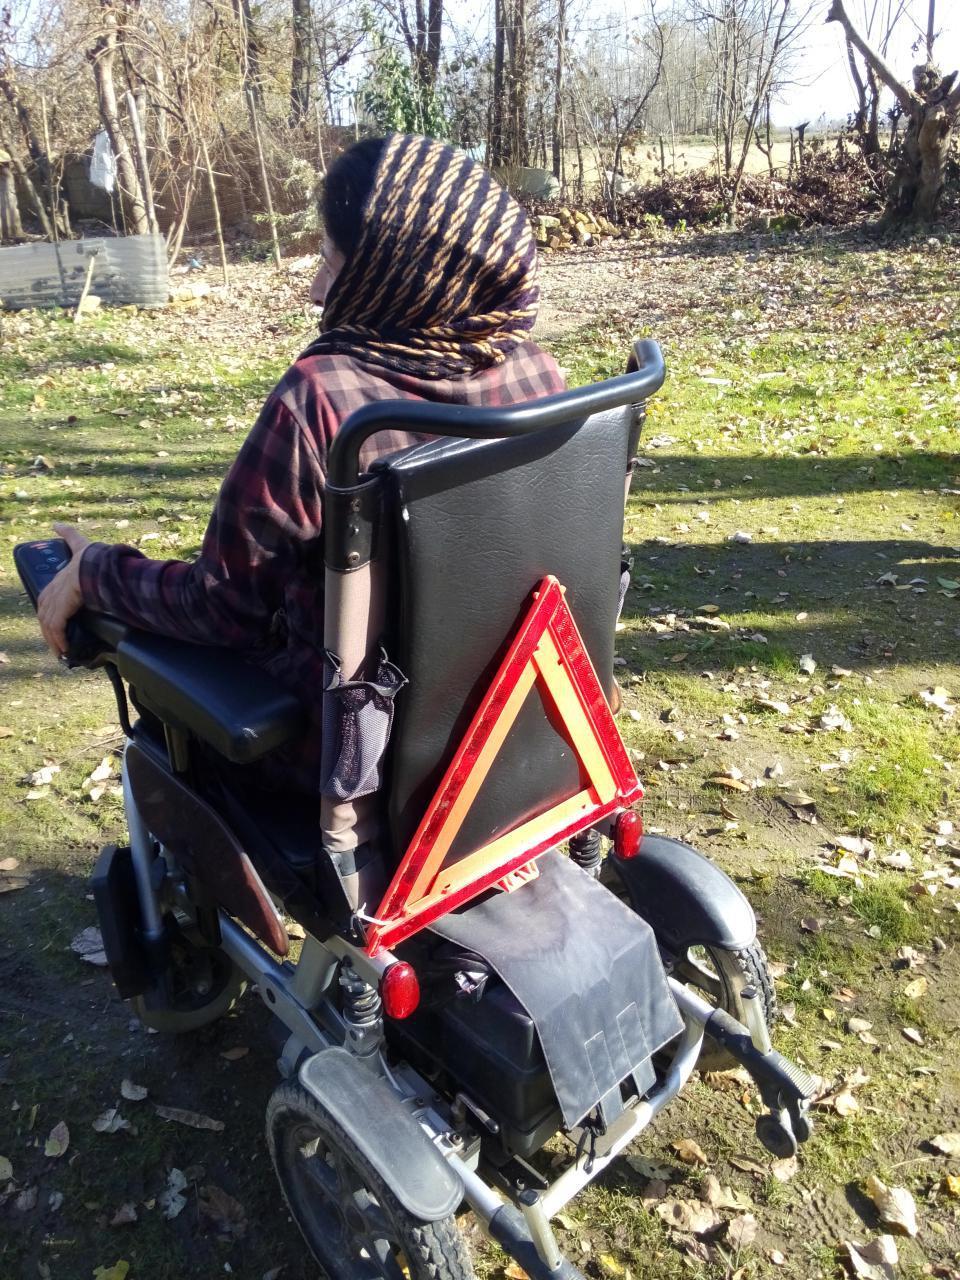 به مناسبت روز جهانی معلولین تصاویری از حضور در روستای بوئین در منزل مینا جعفر دوست